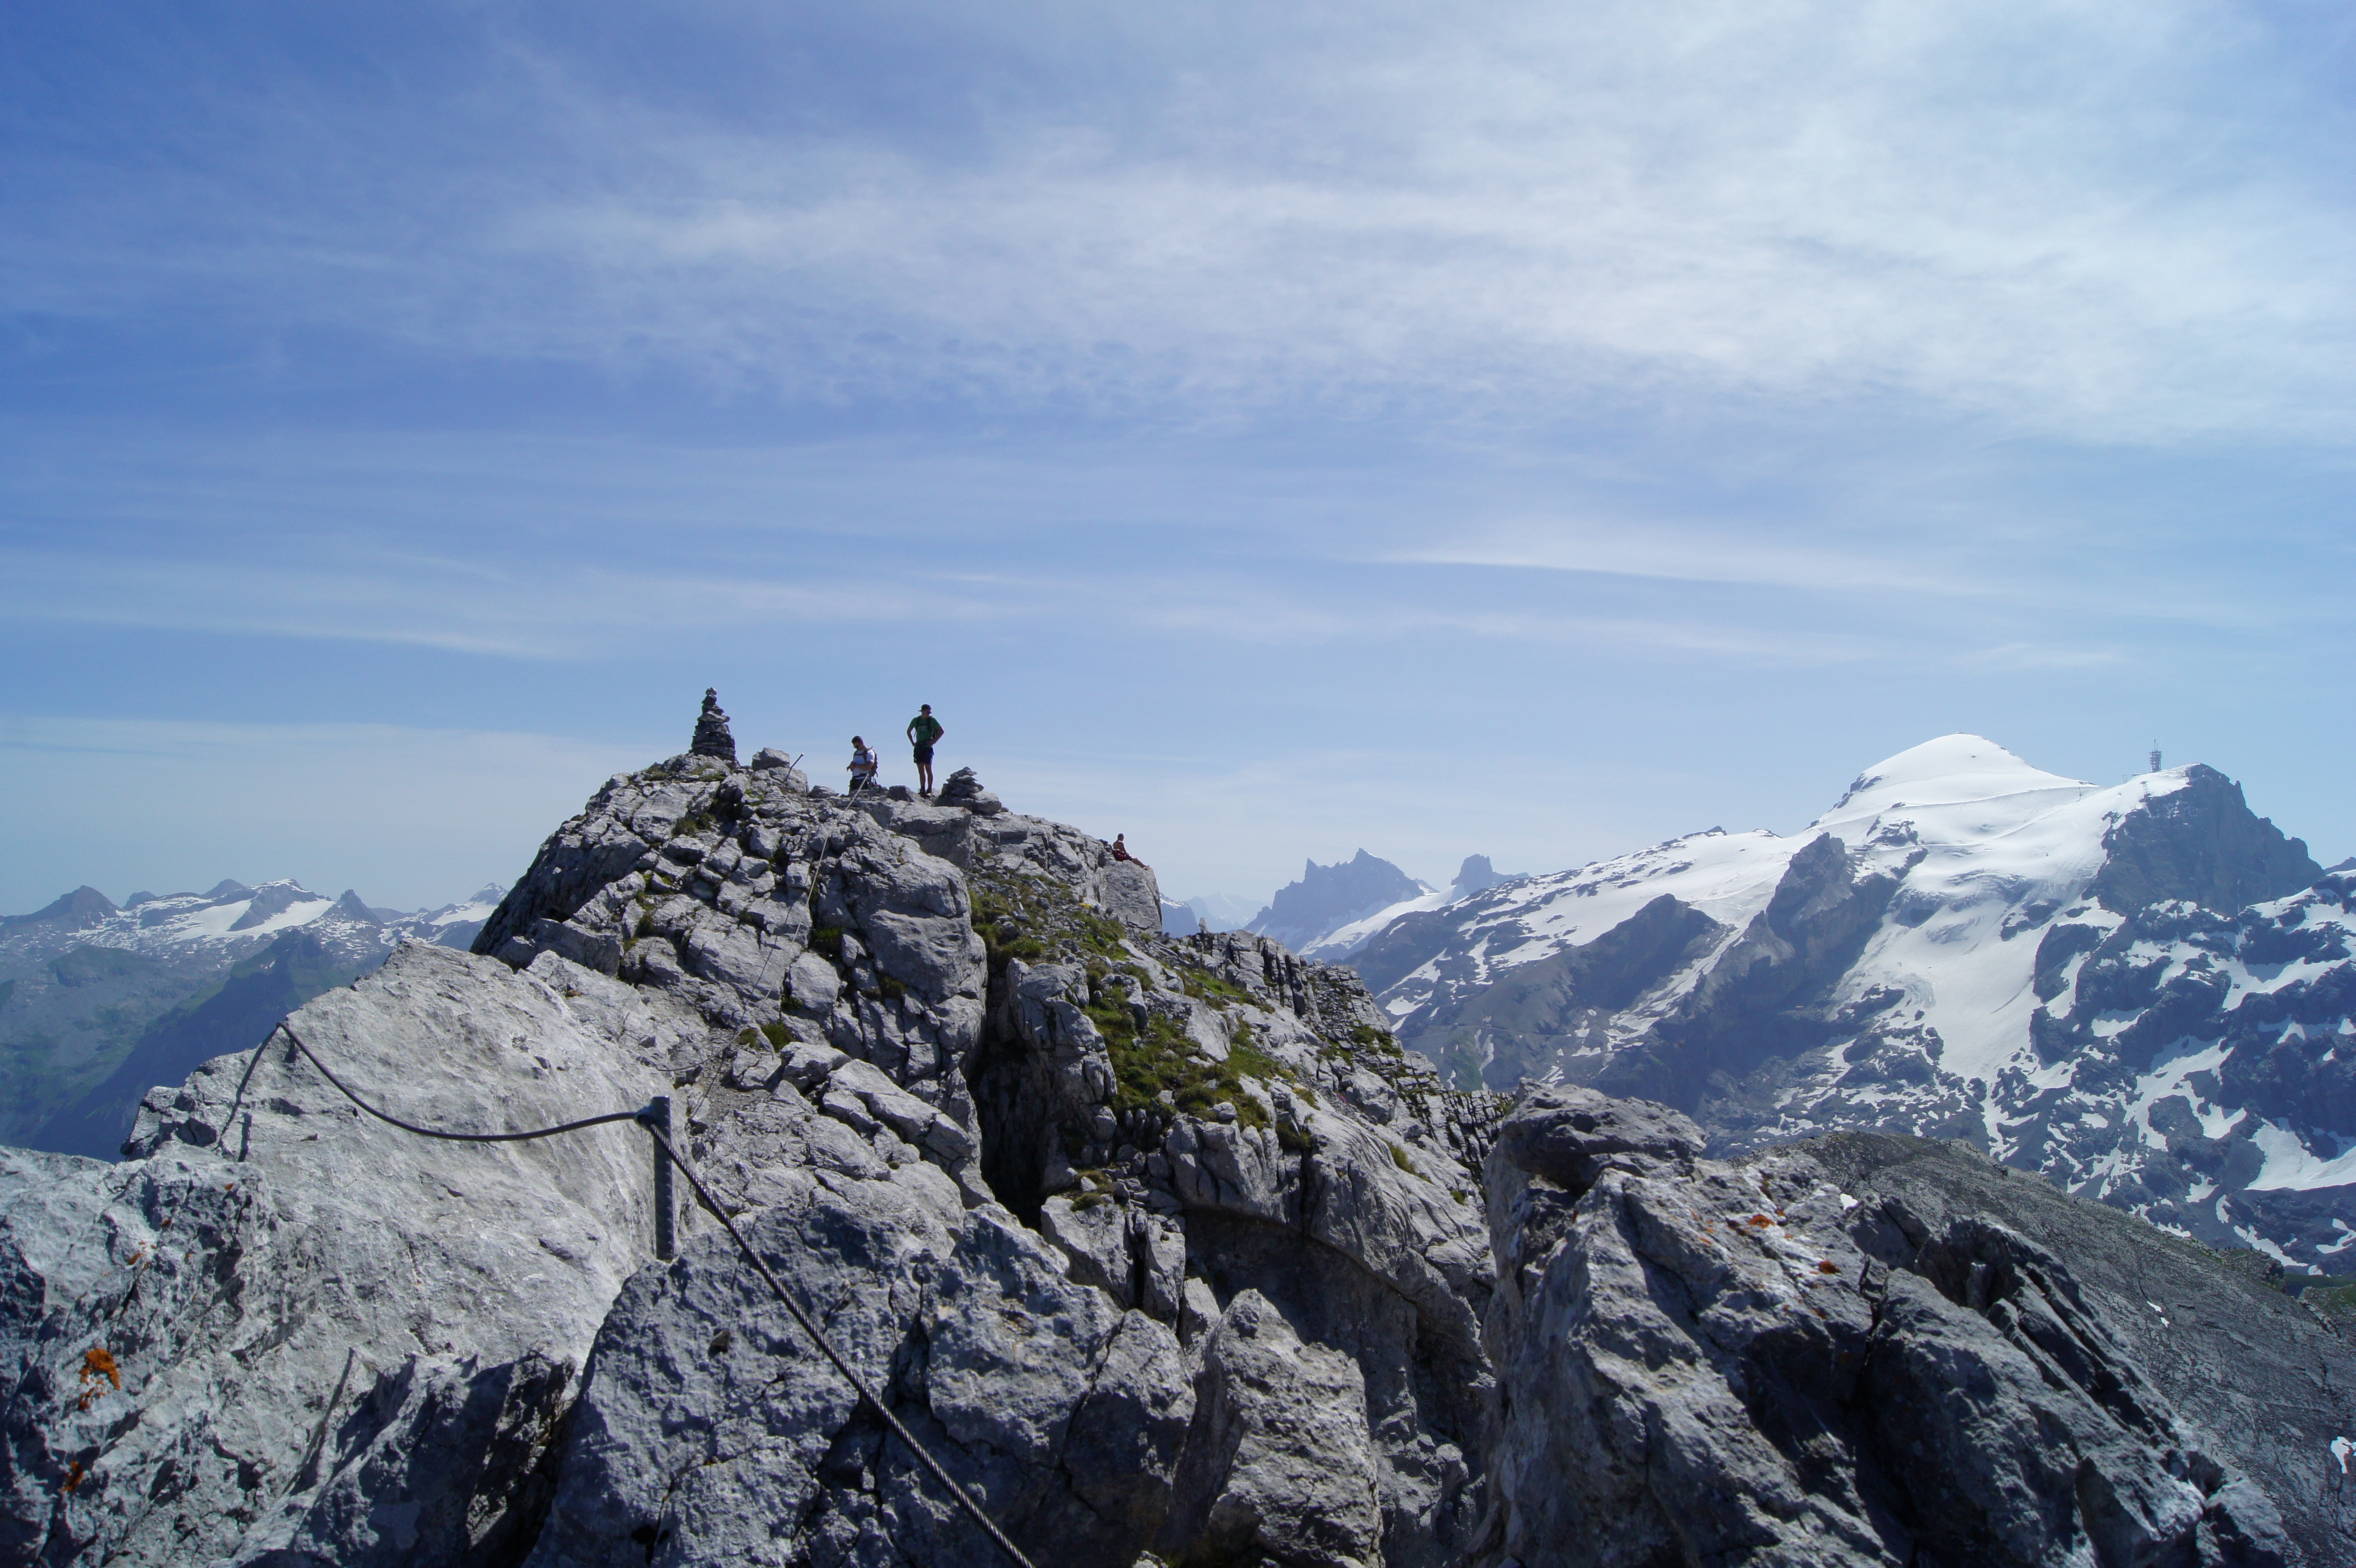 Fürenwand Klettersteig Unfall : Klettersteige klettersteig am eggishorn km bergwelten